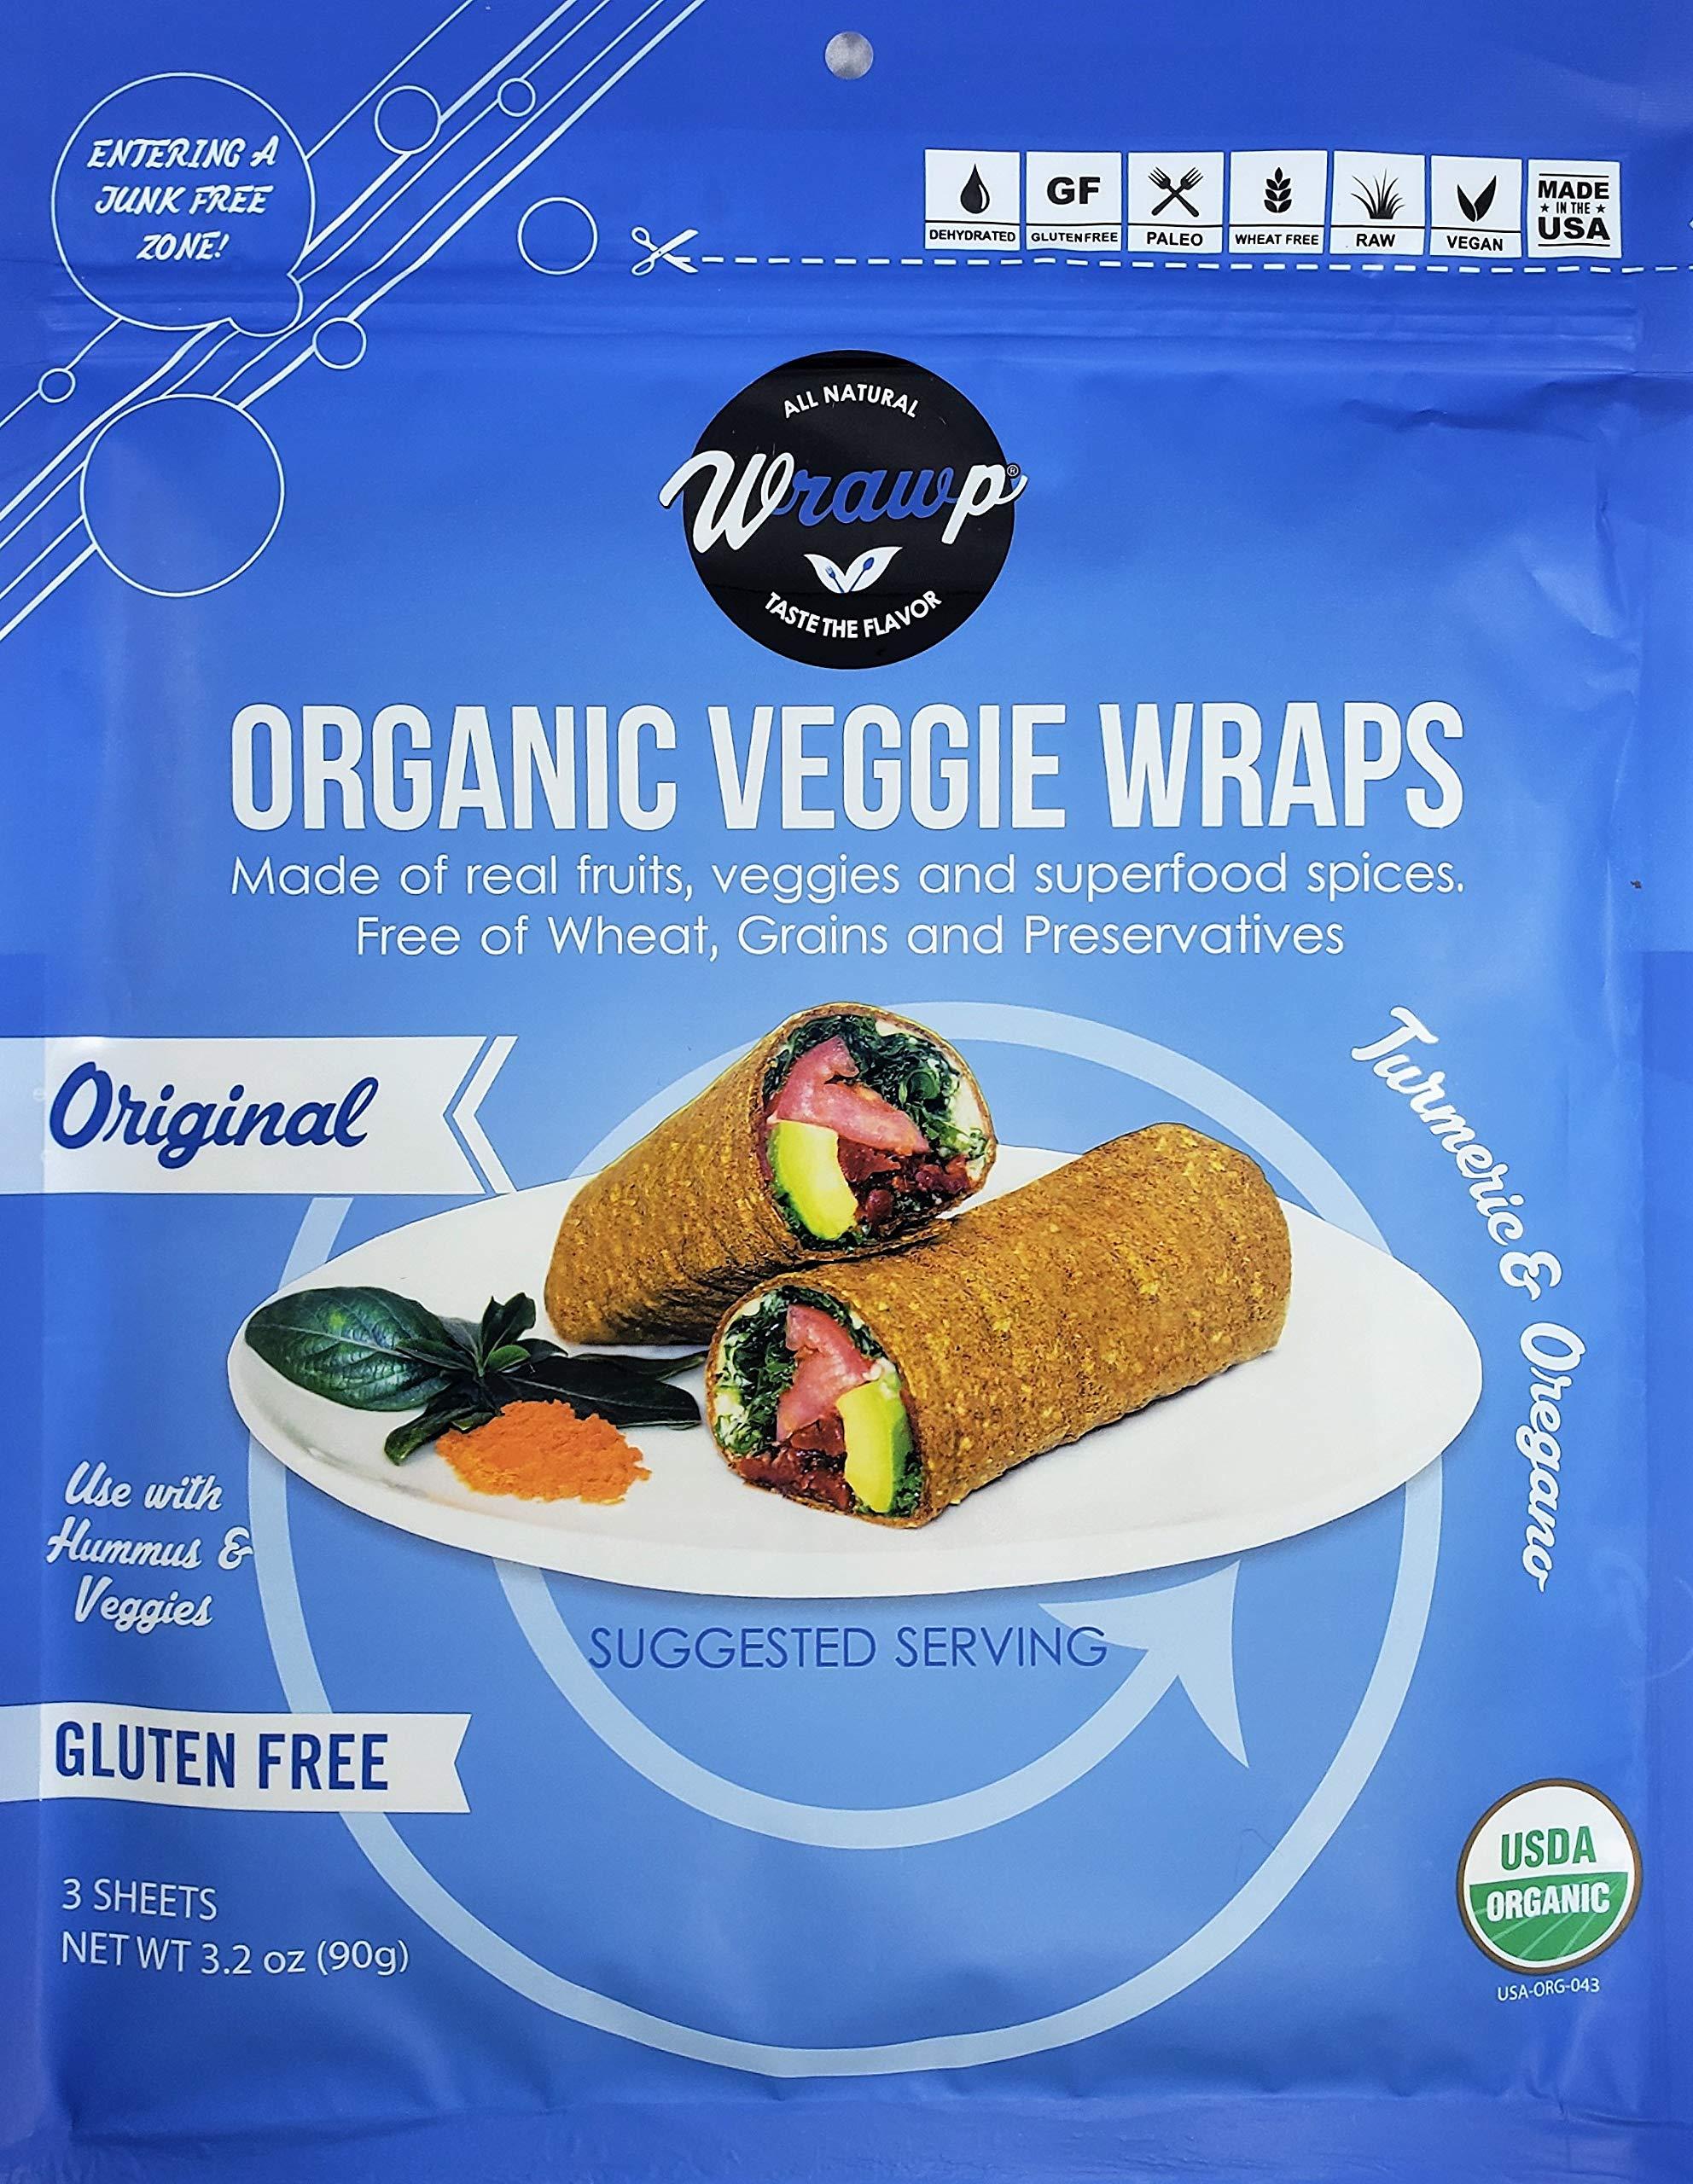 Raw Organic Mini Original Veggie Wraps (4 Pack) | Wheat-Free, Gluten Free, Paleo Wraps, Non-GMO, Vegan Friendly Made in the USA